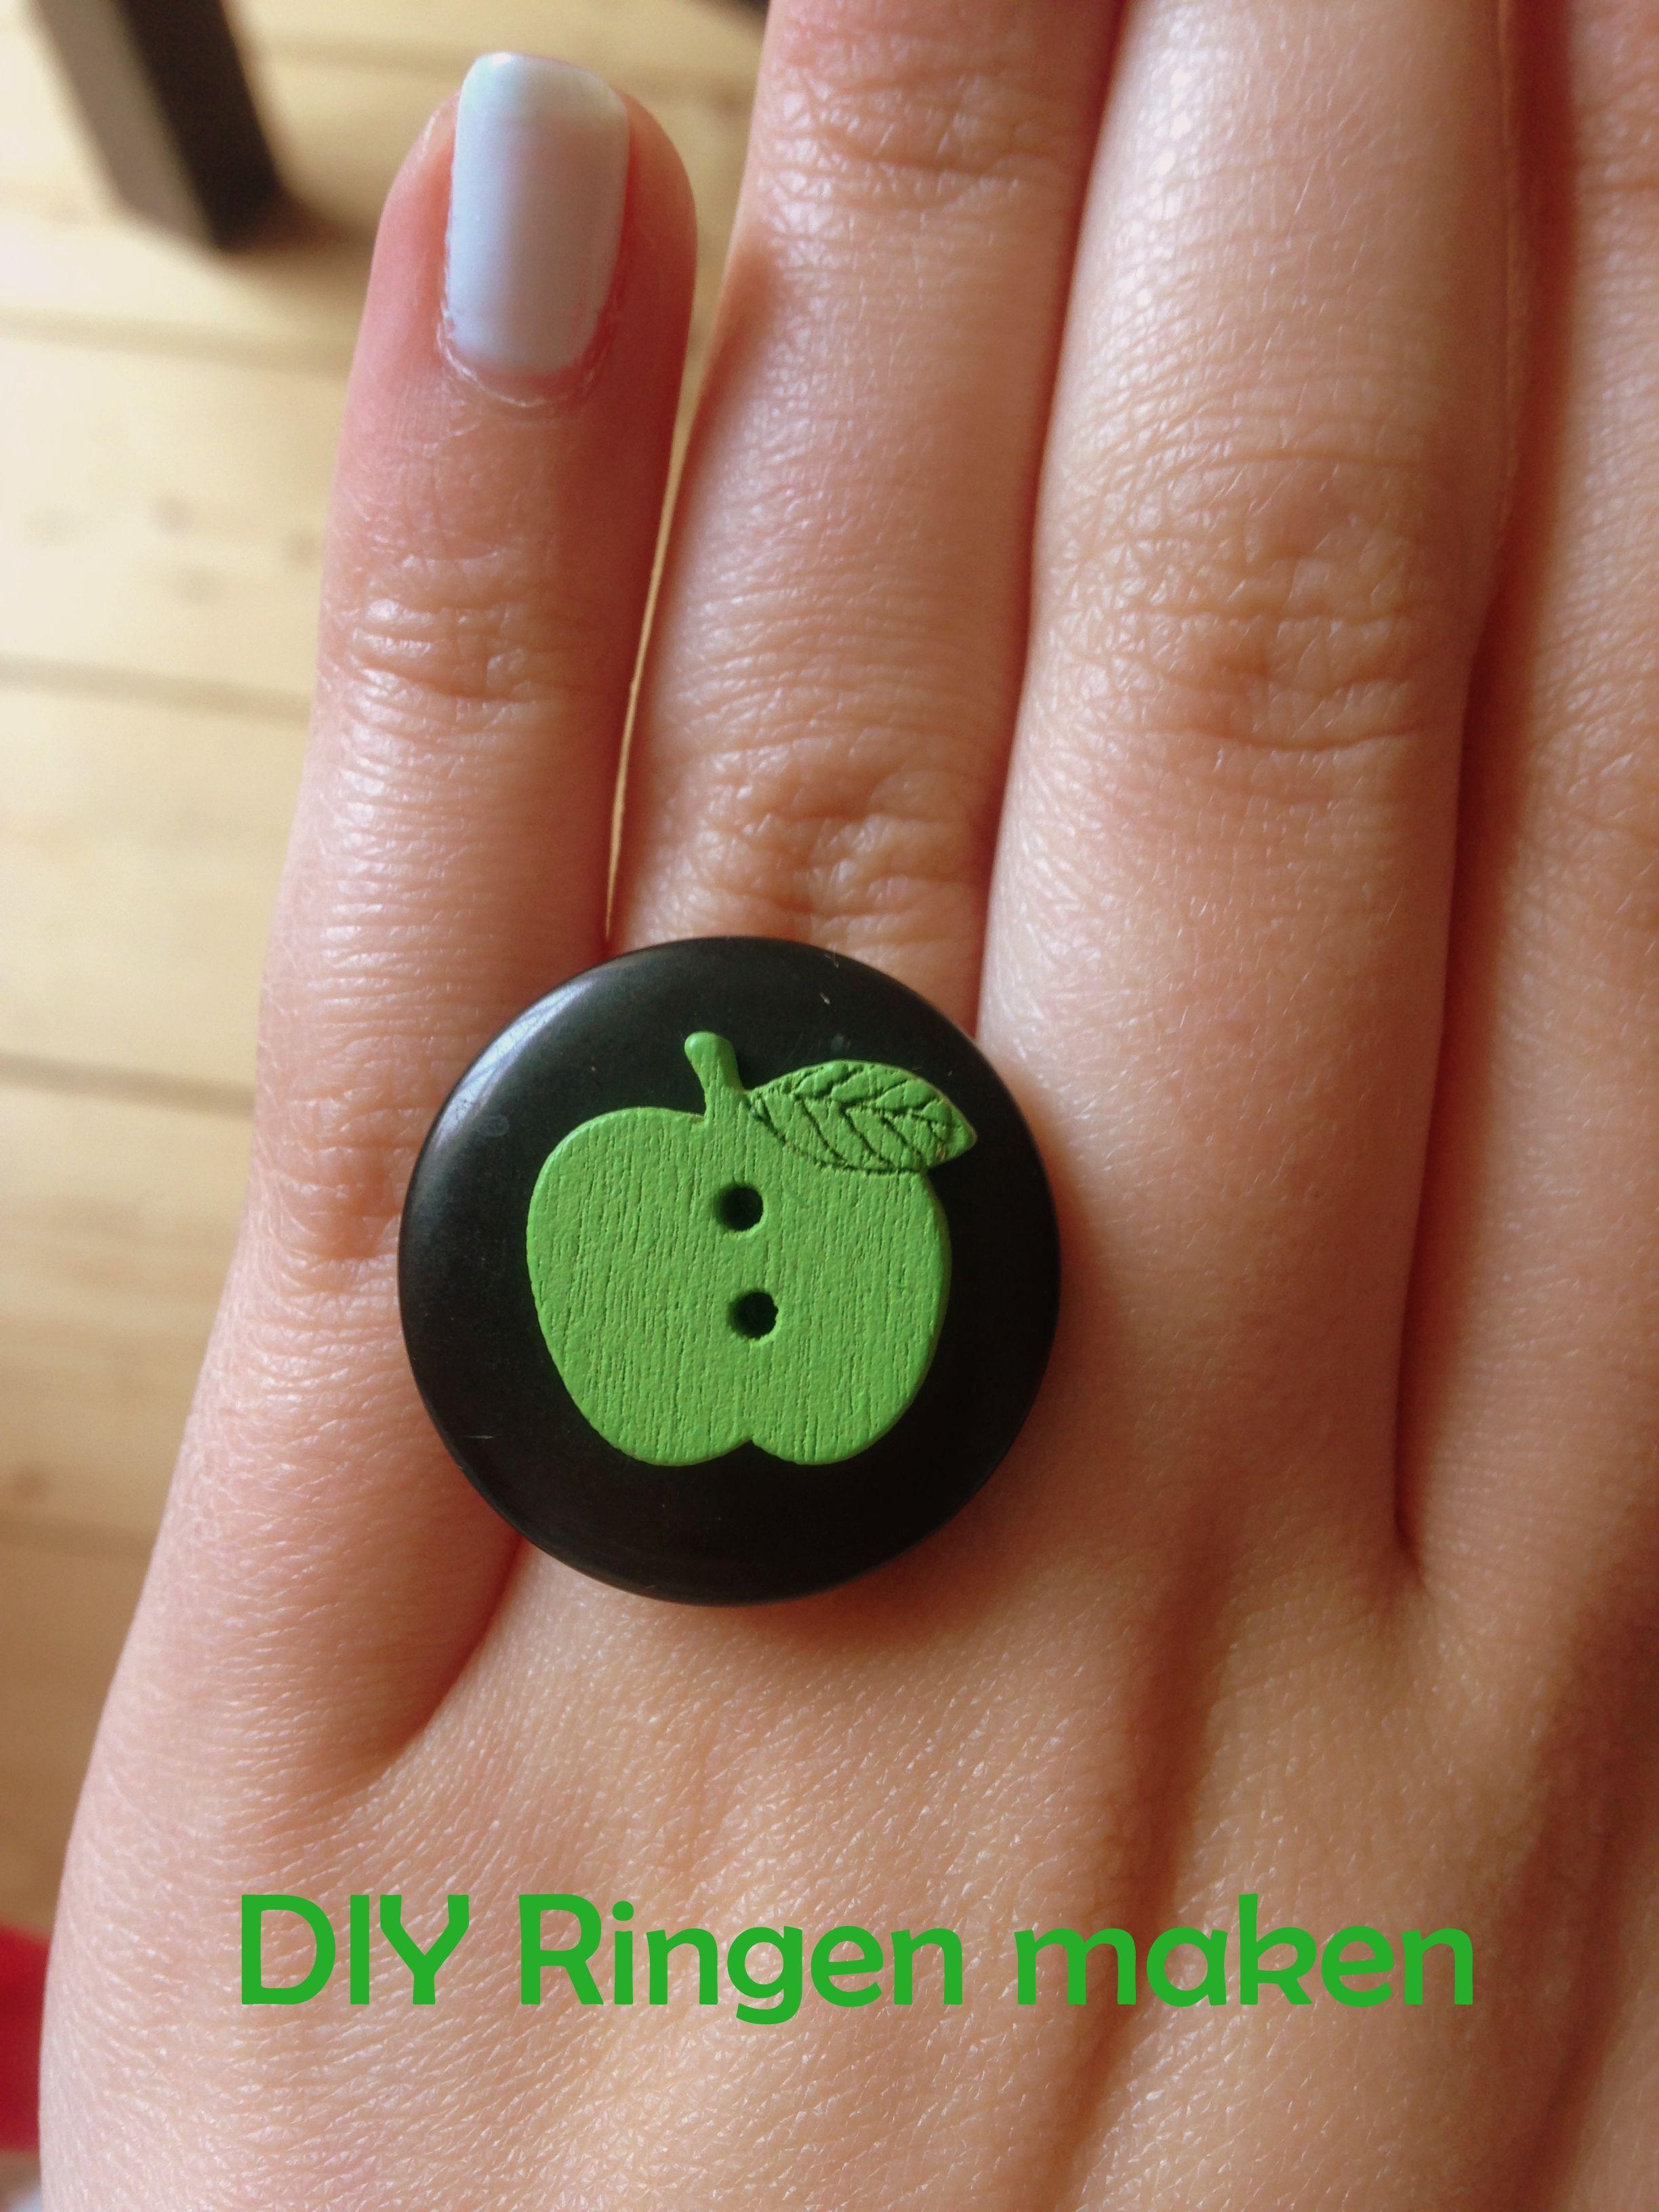 Nieuw DIY Ringen maken | Ring maken, Zelf ringen maken, Diy ringen JR-29